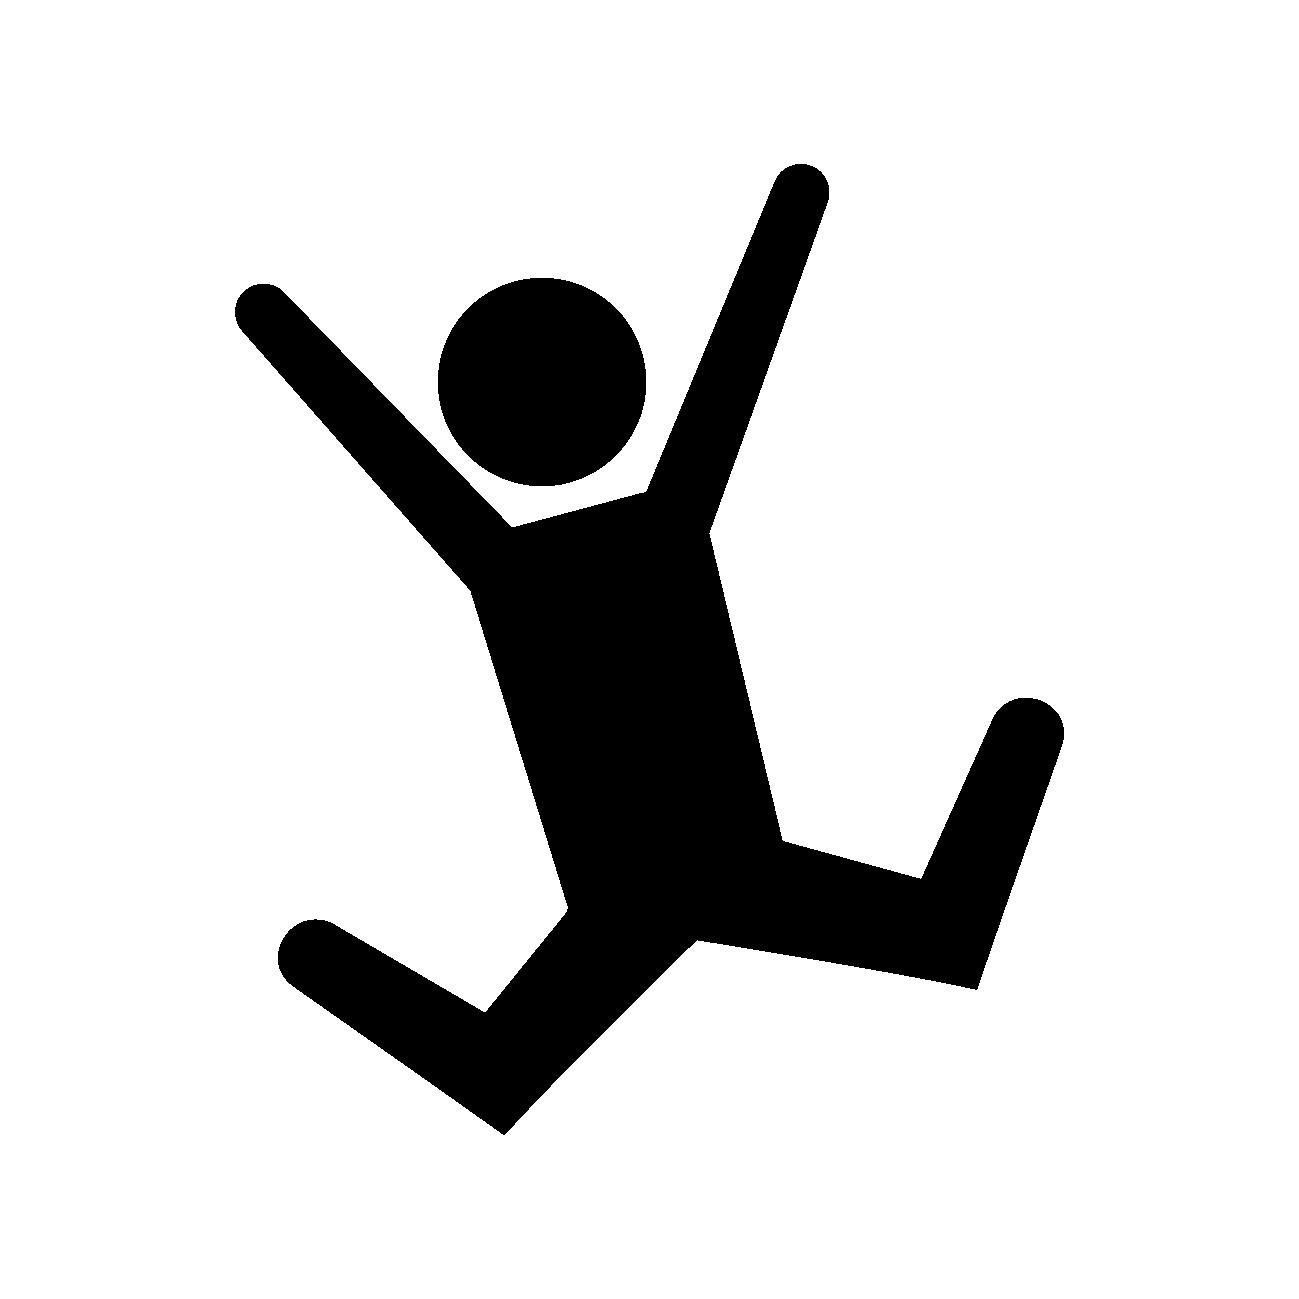 滑ってる人のアイコン